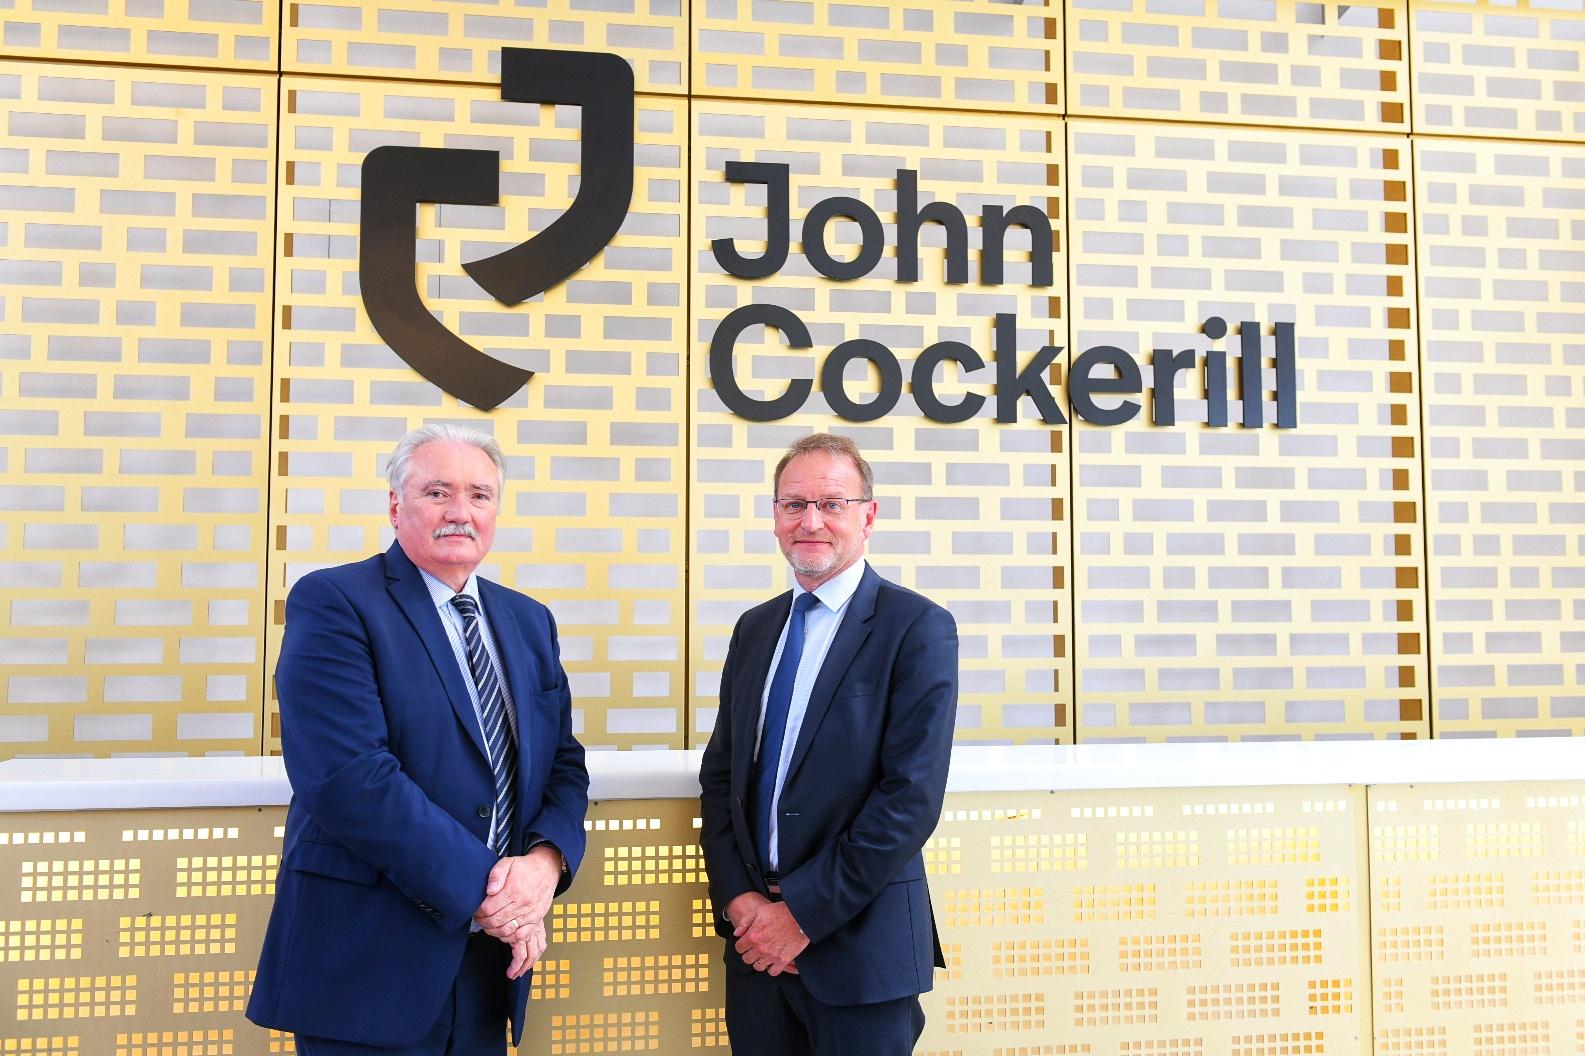 JohnCockerill